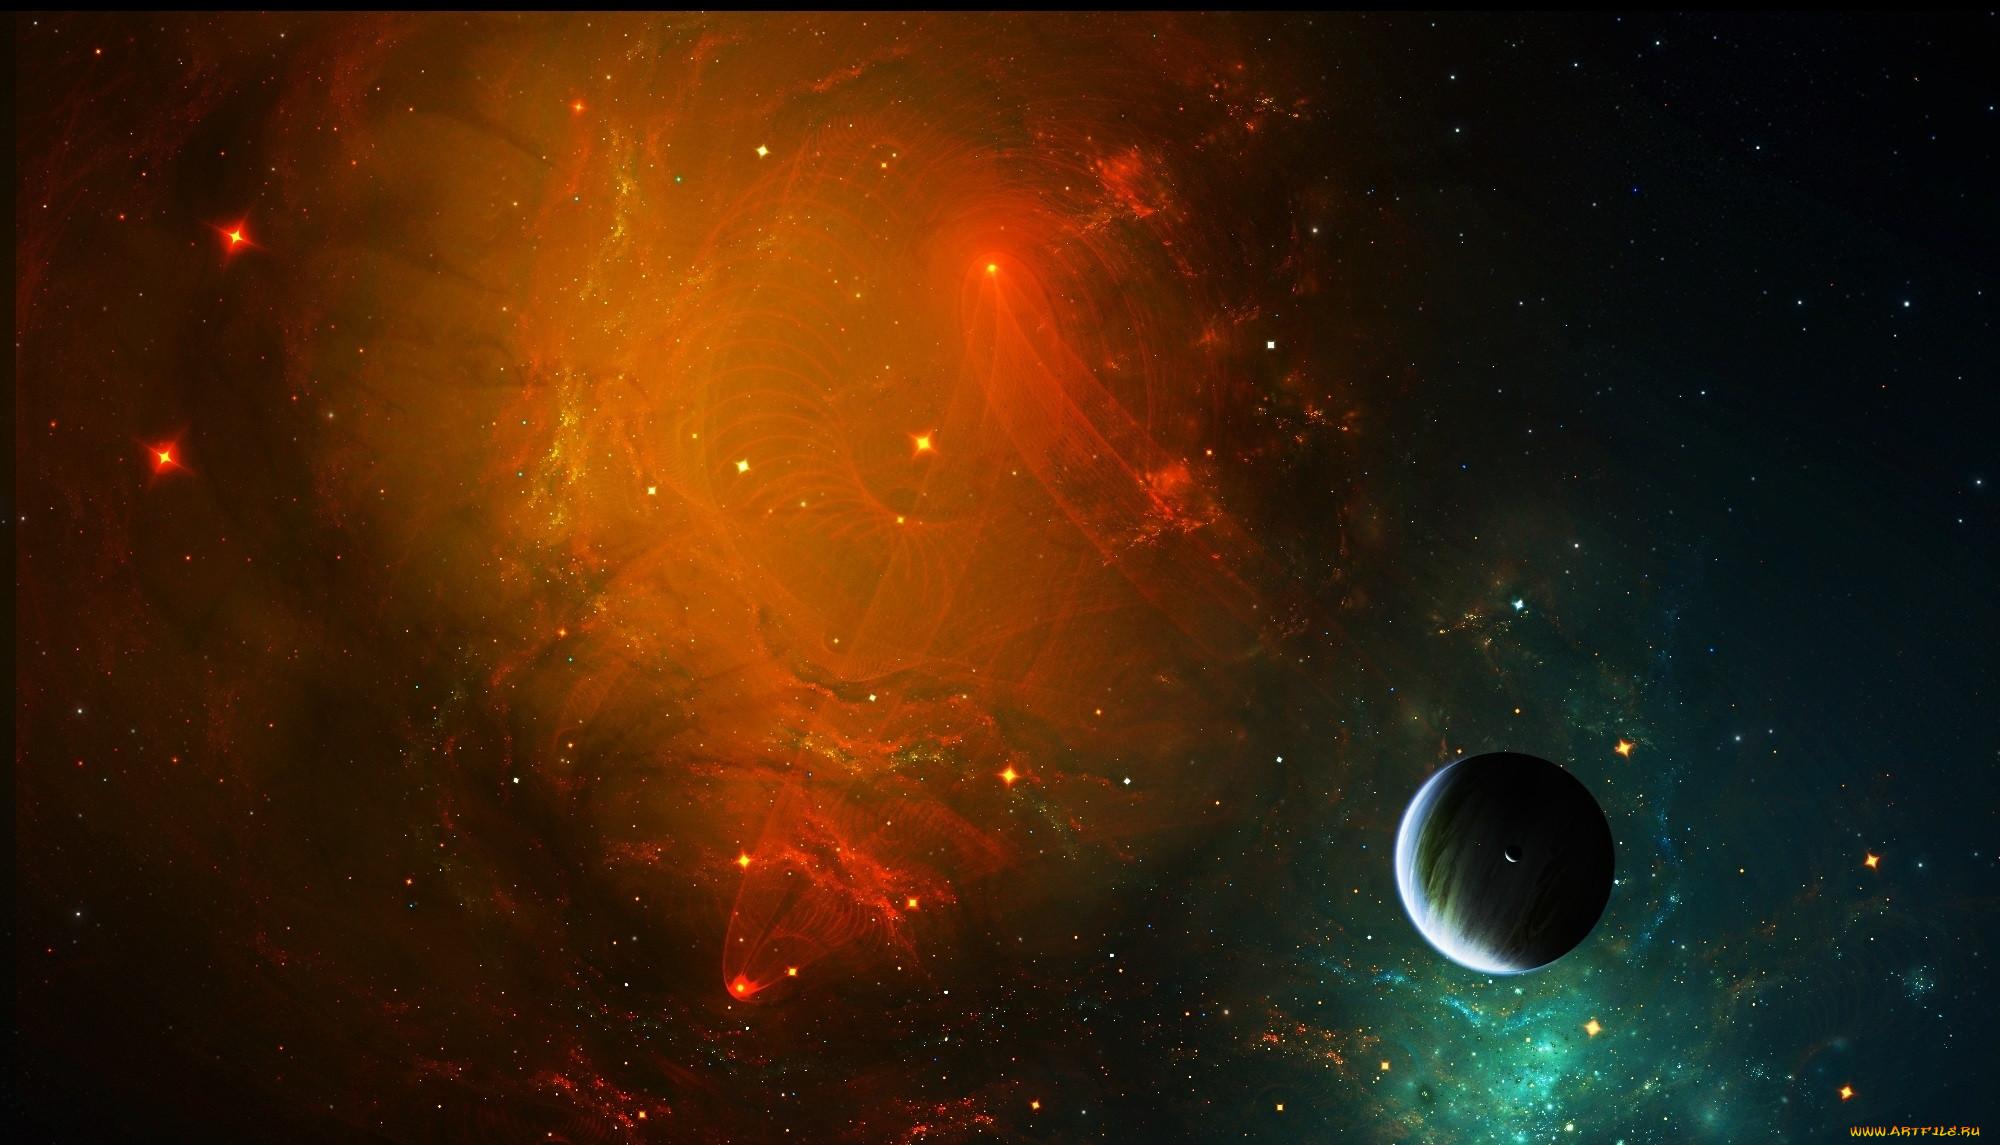 космос, арт, туманность, свет, звезды, планеты